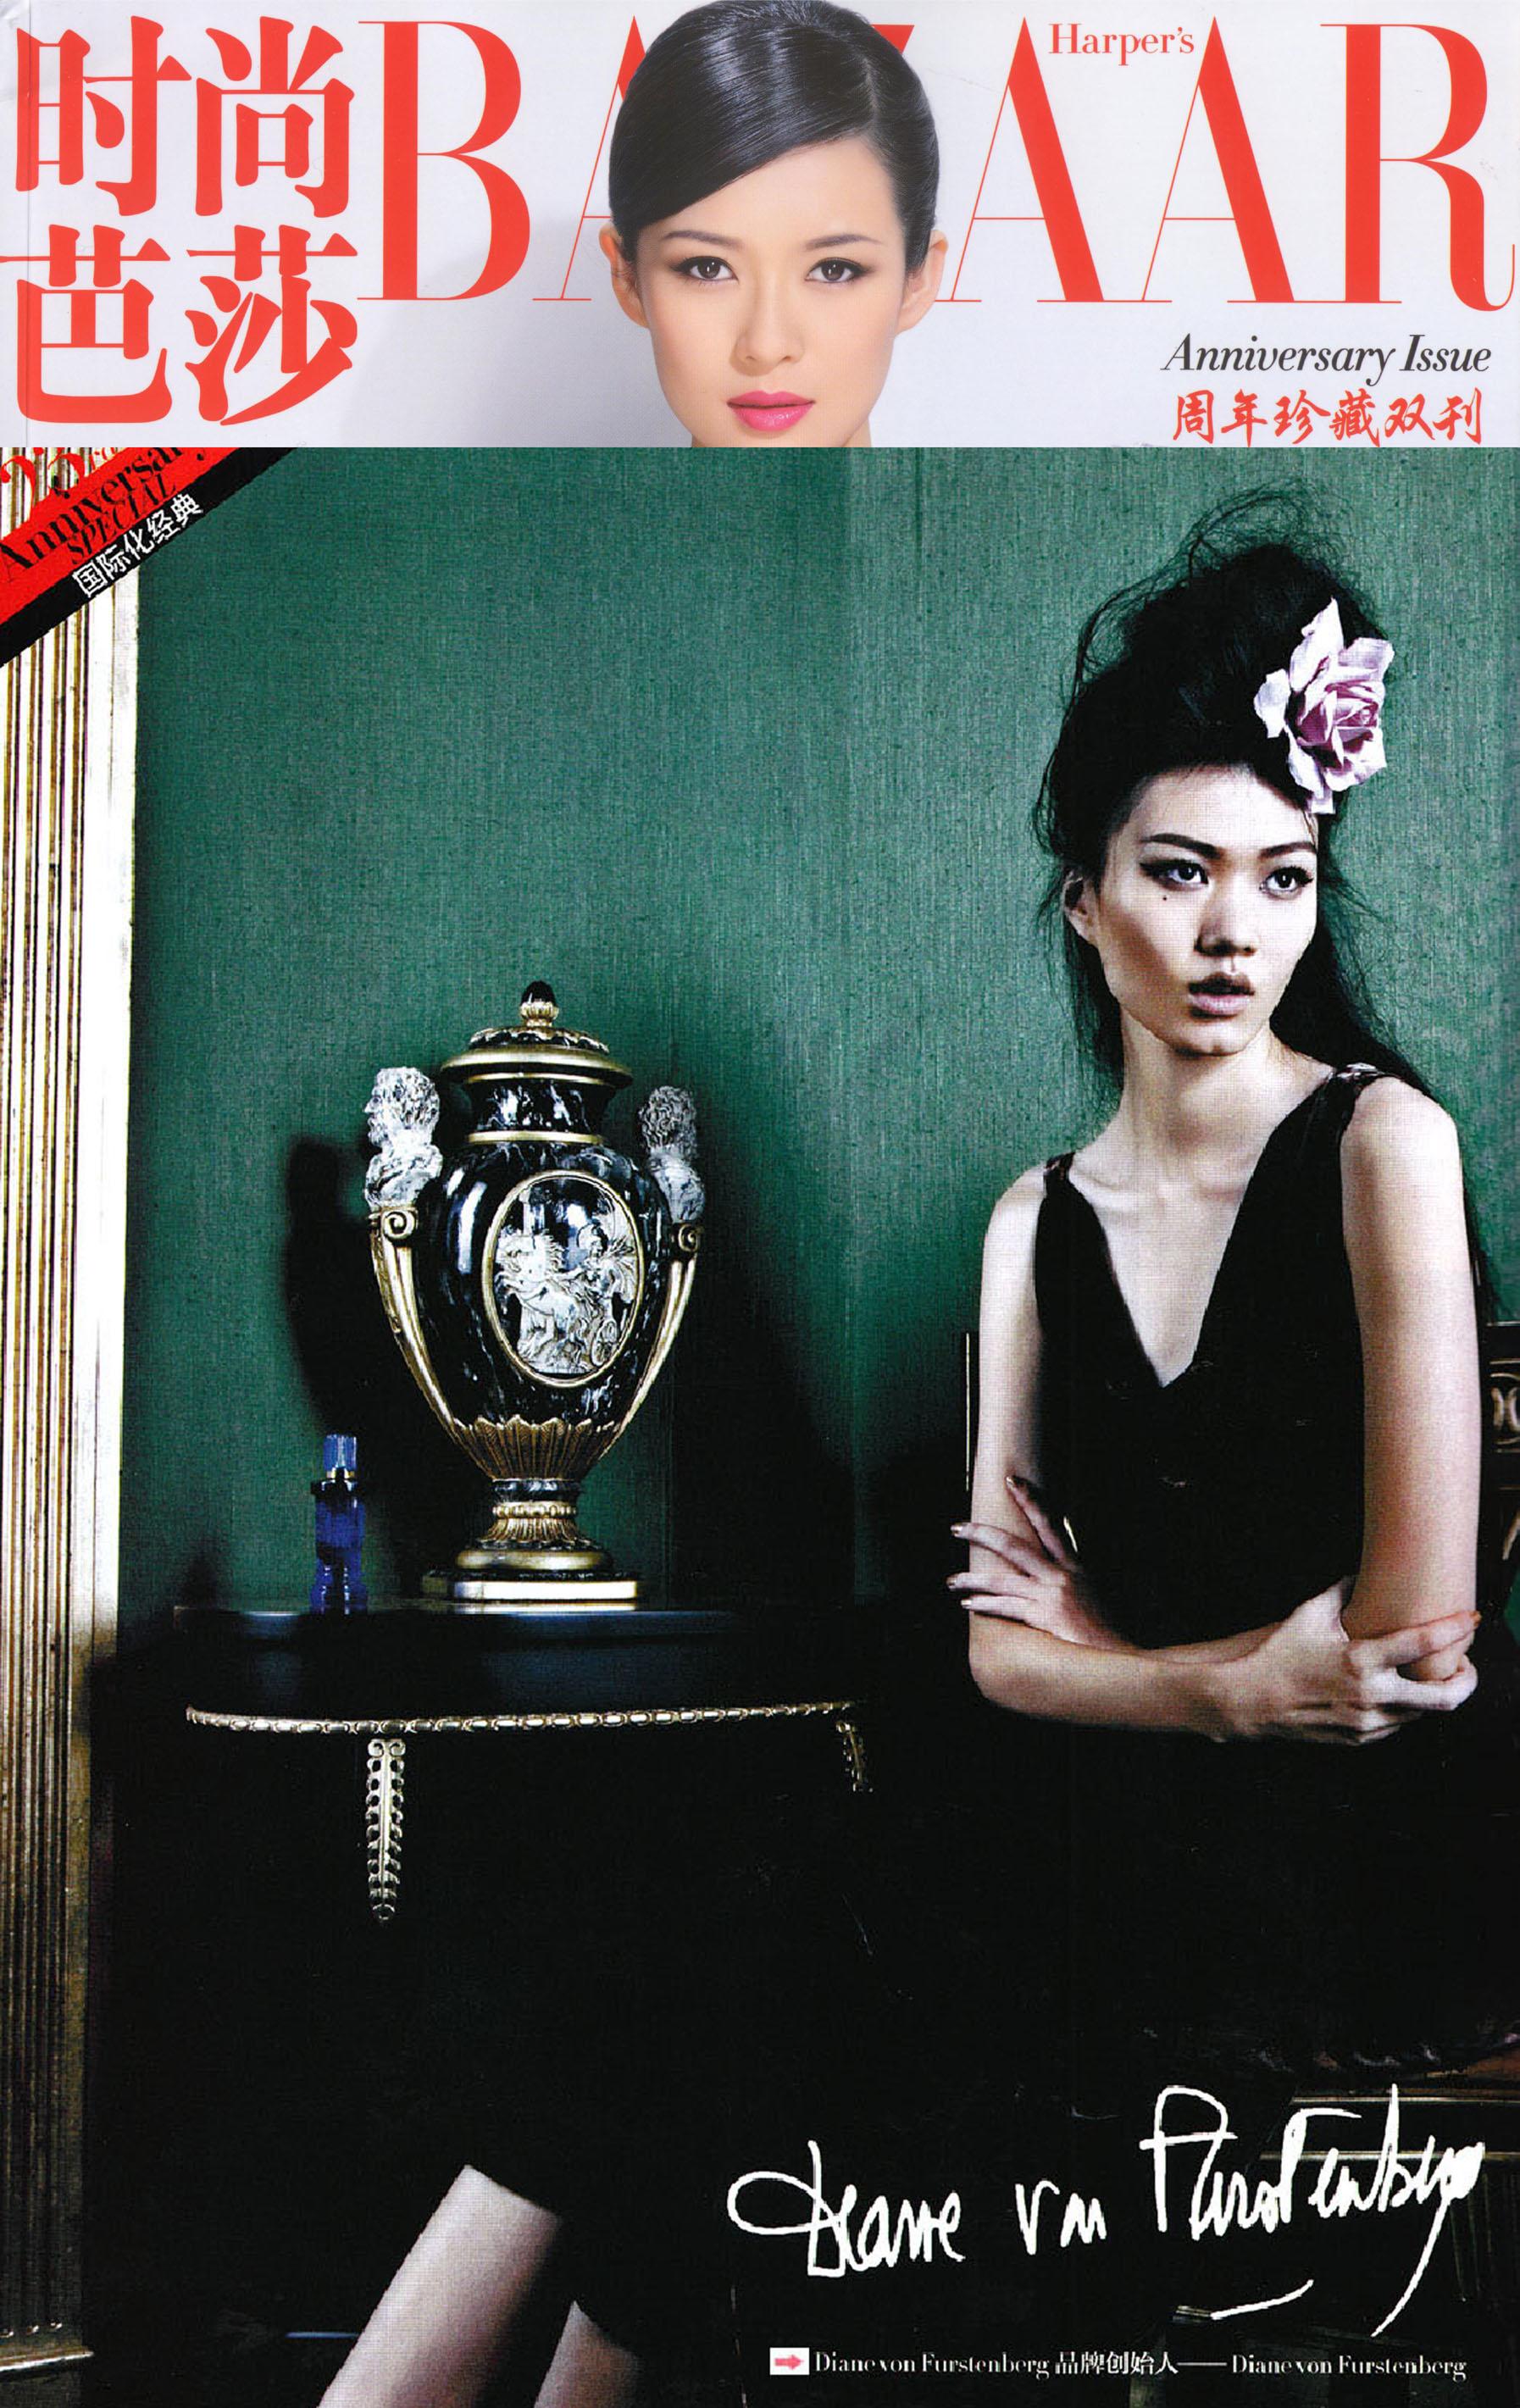 Harper's Bazaar China 01, October 2009 thumb.jpg